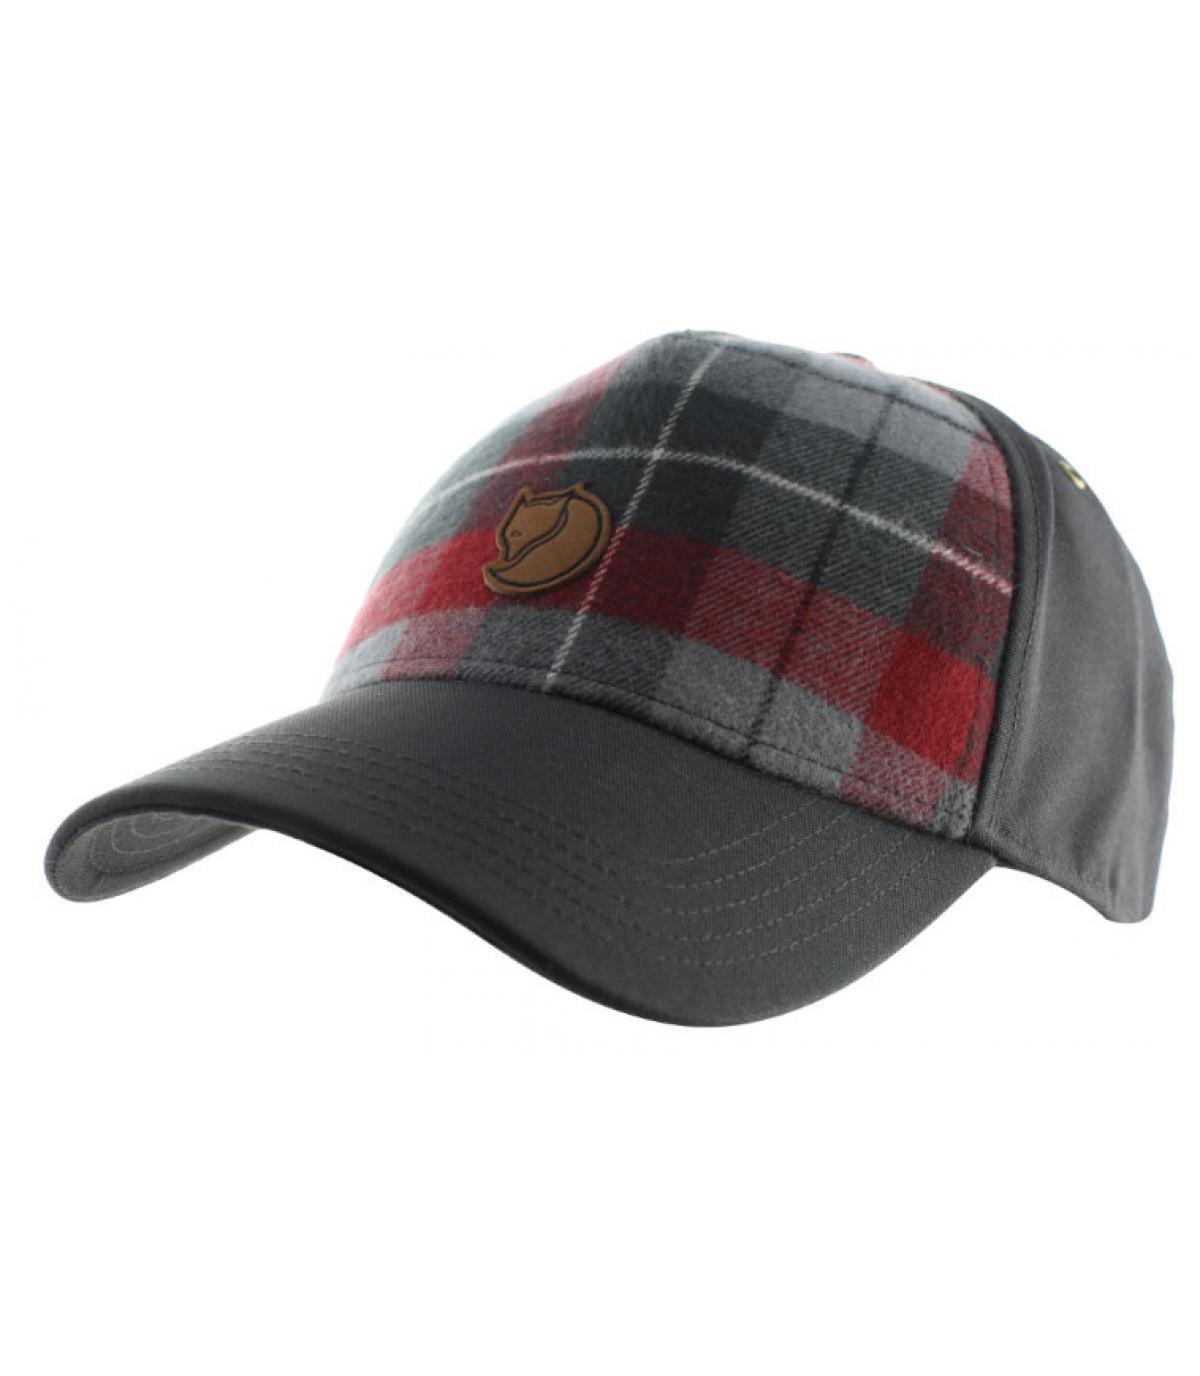 Détails Ovik plaid cap dark grey - image 2